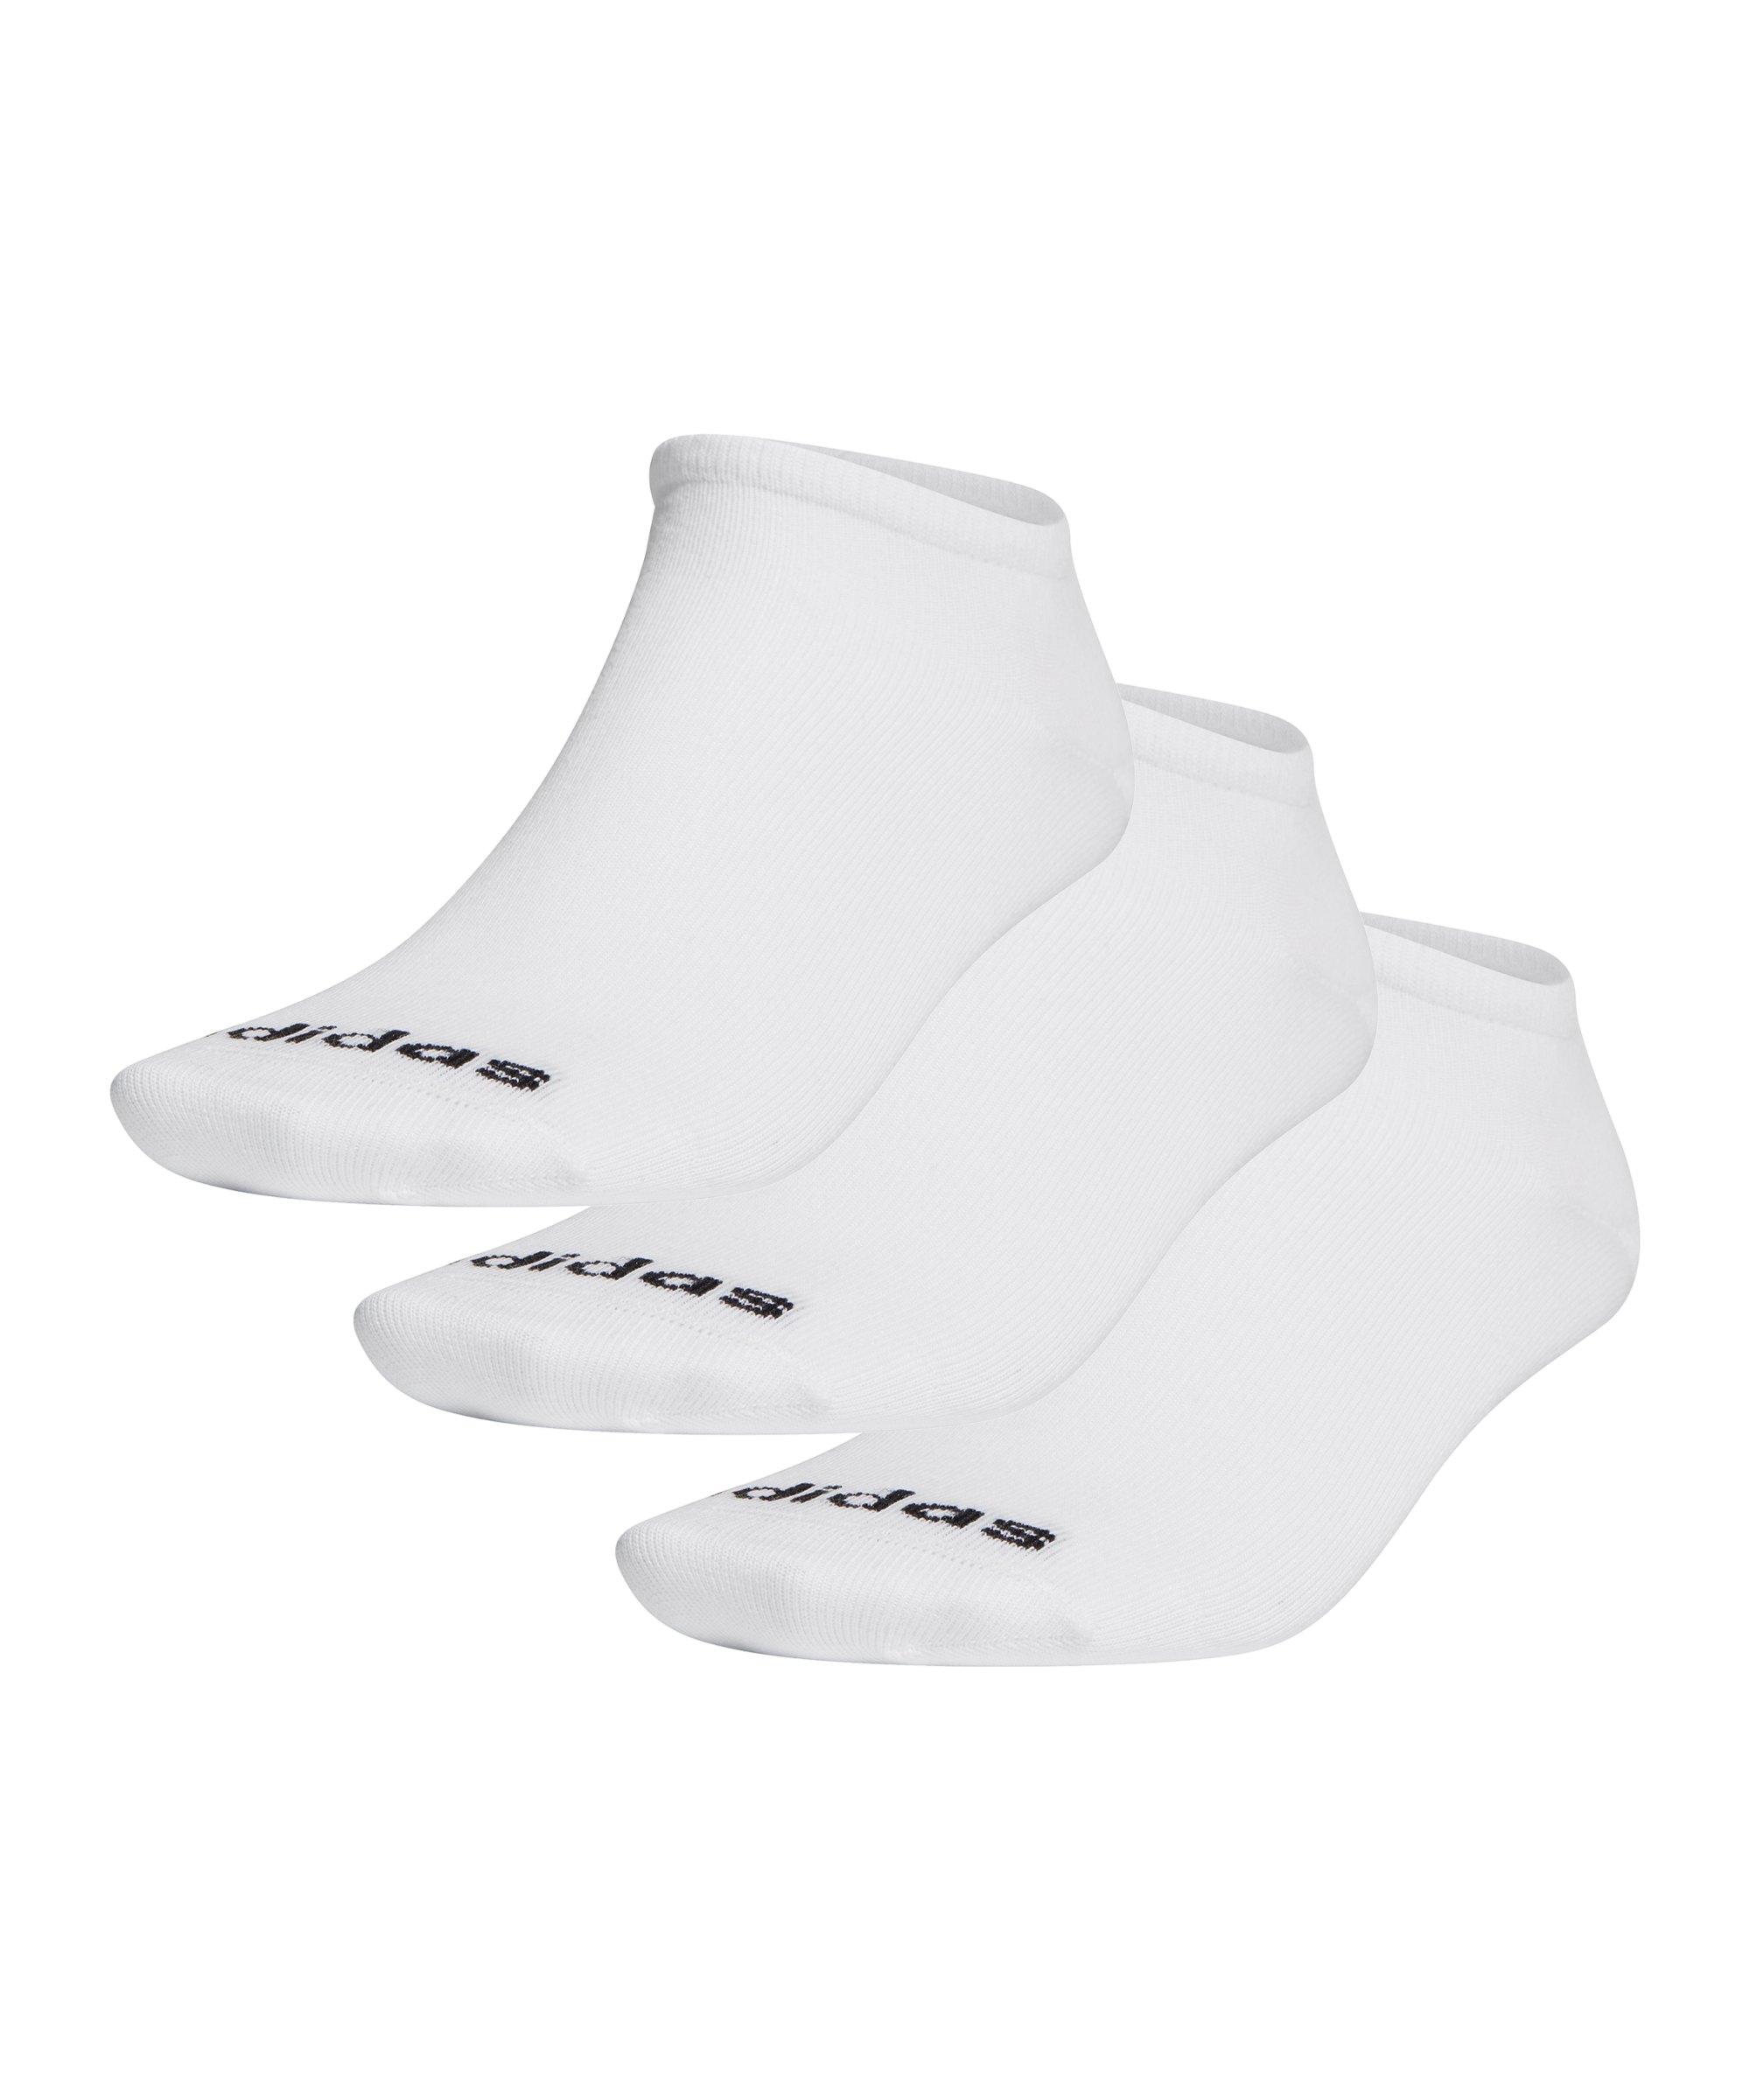 adidas Füsslinge 3er Pack Weiss Schwarz - weiss